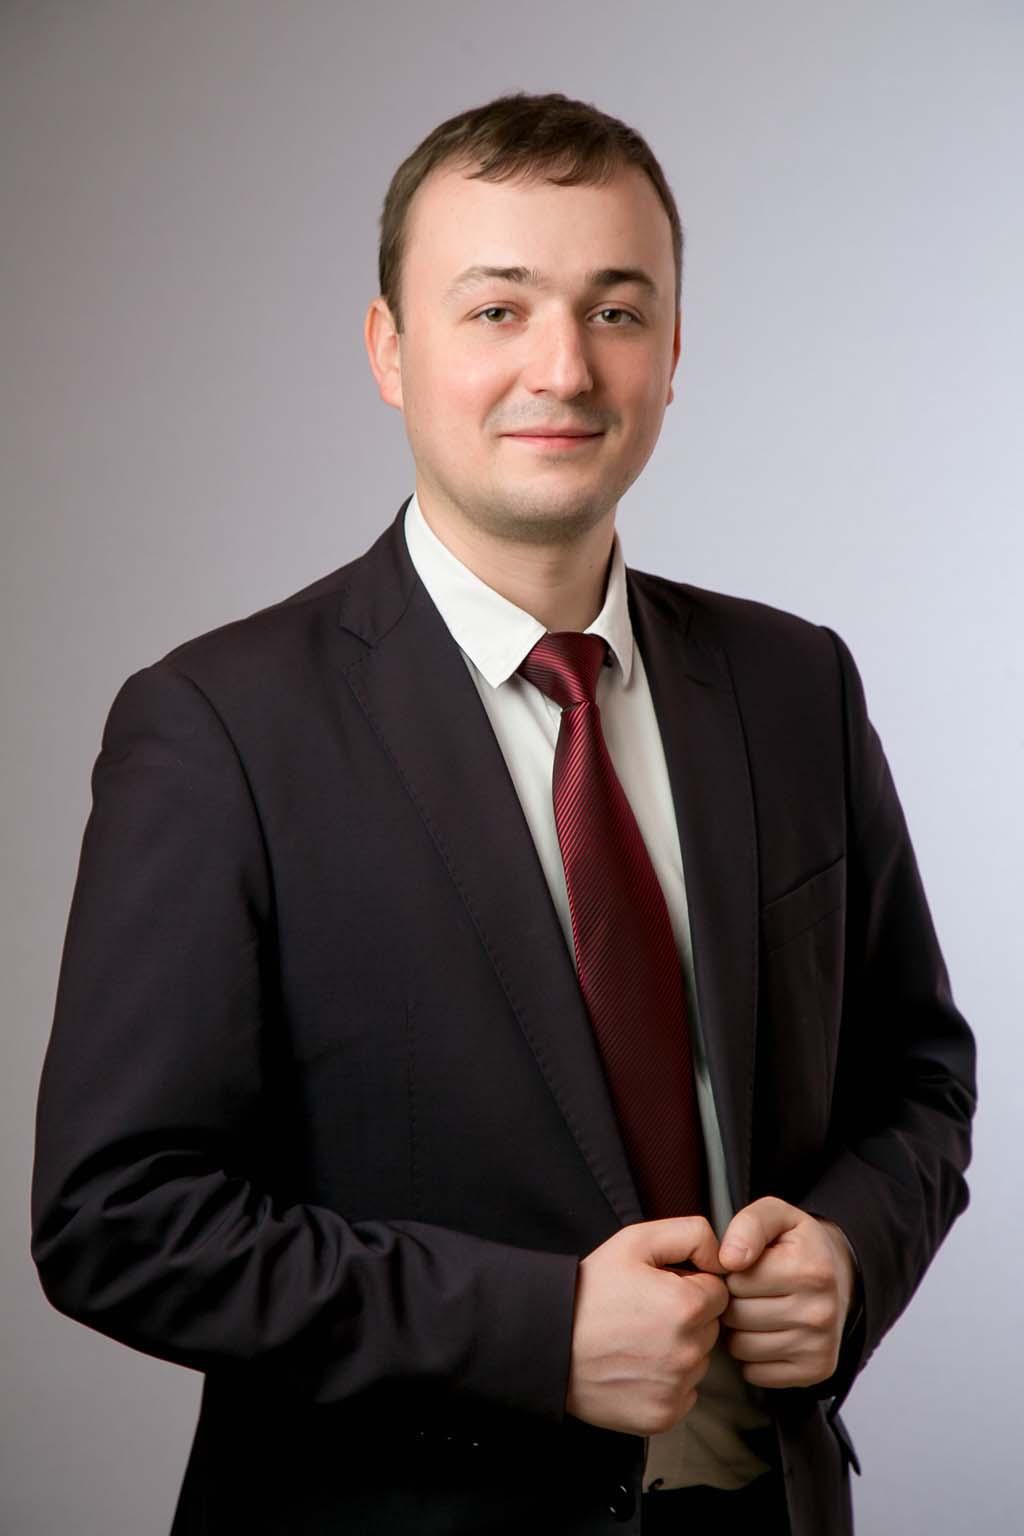 Kucheryavyy Arseny Alekseevich